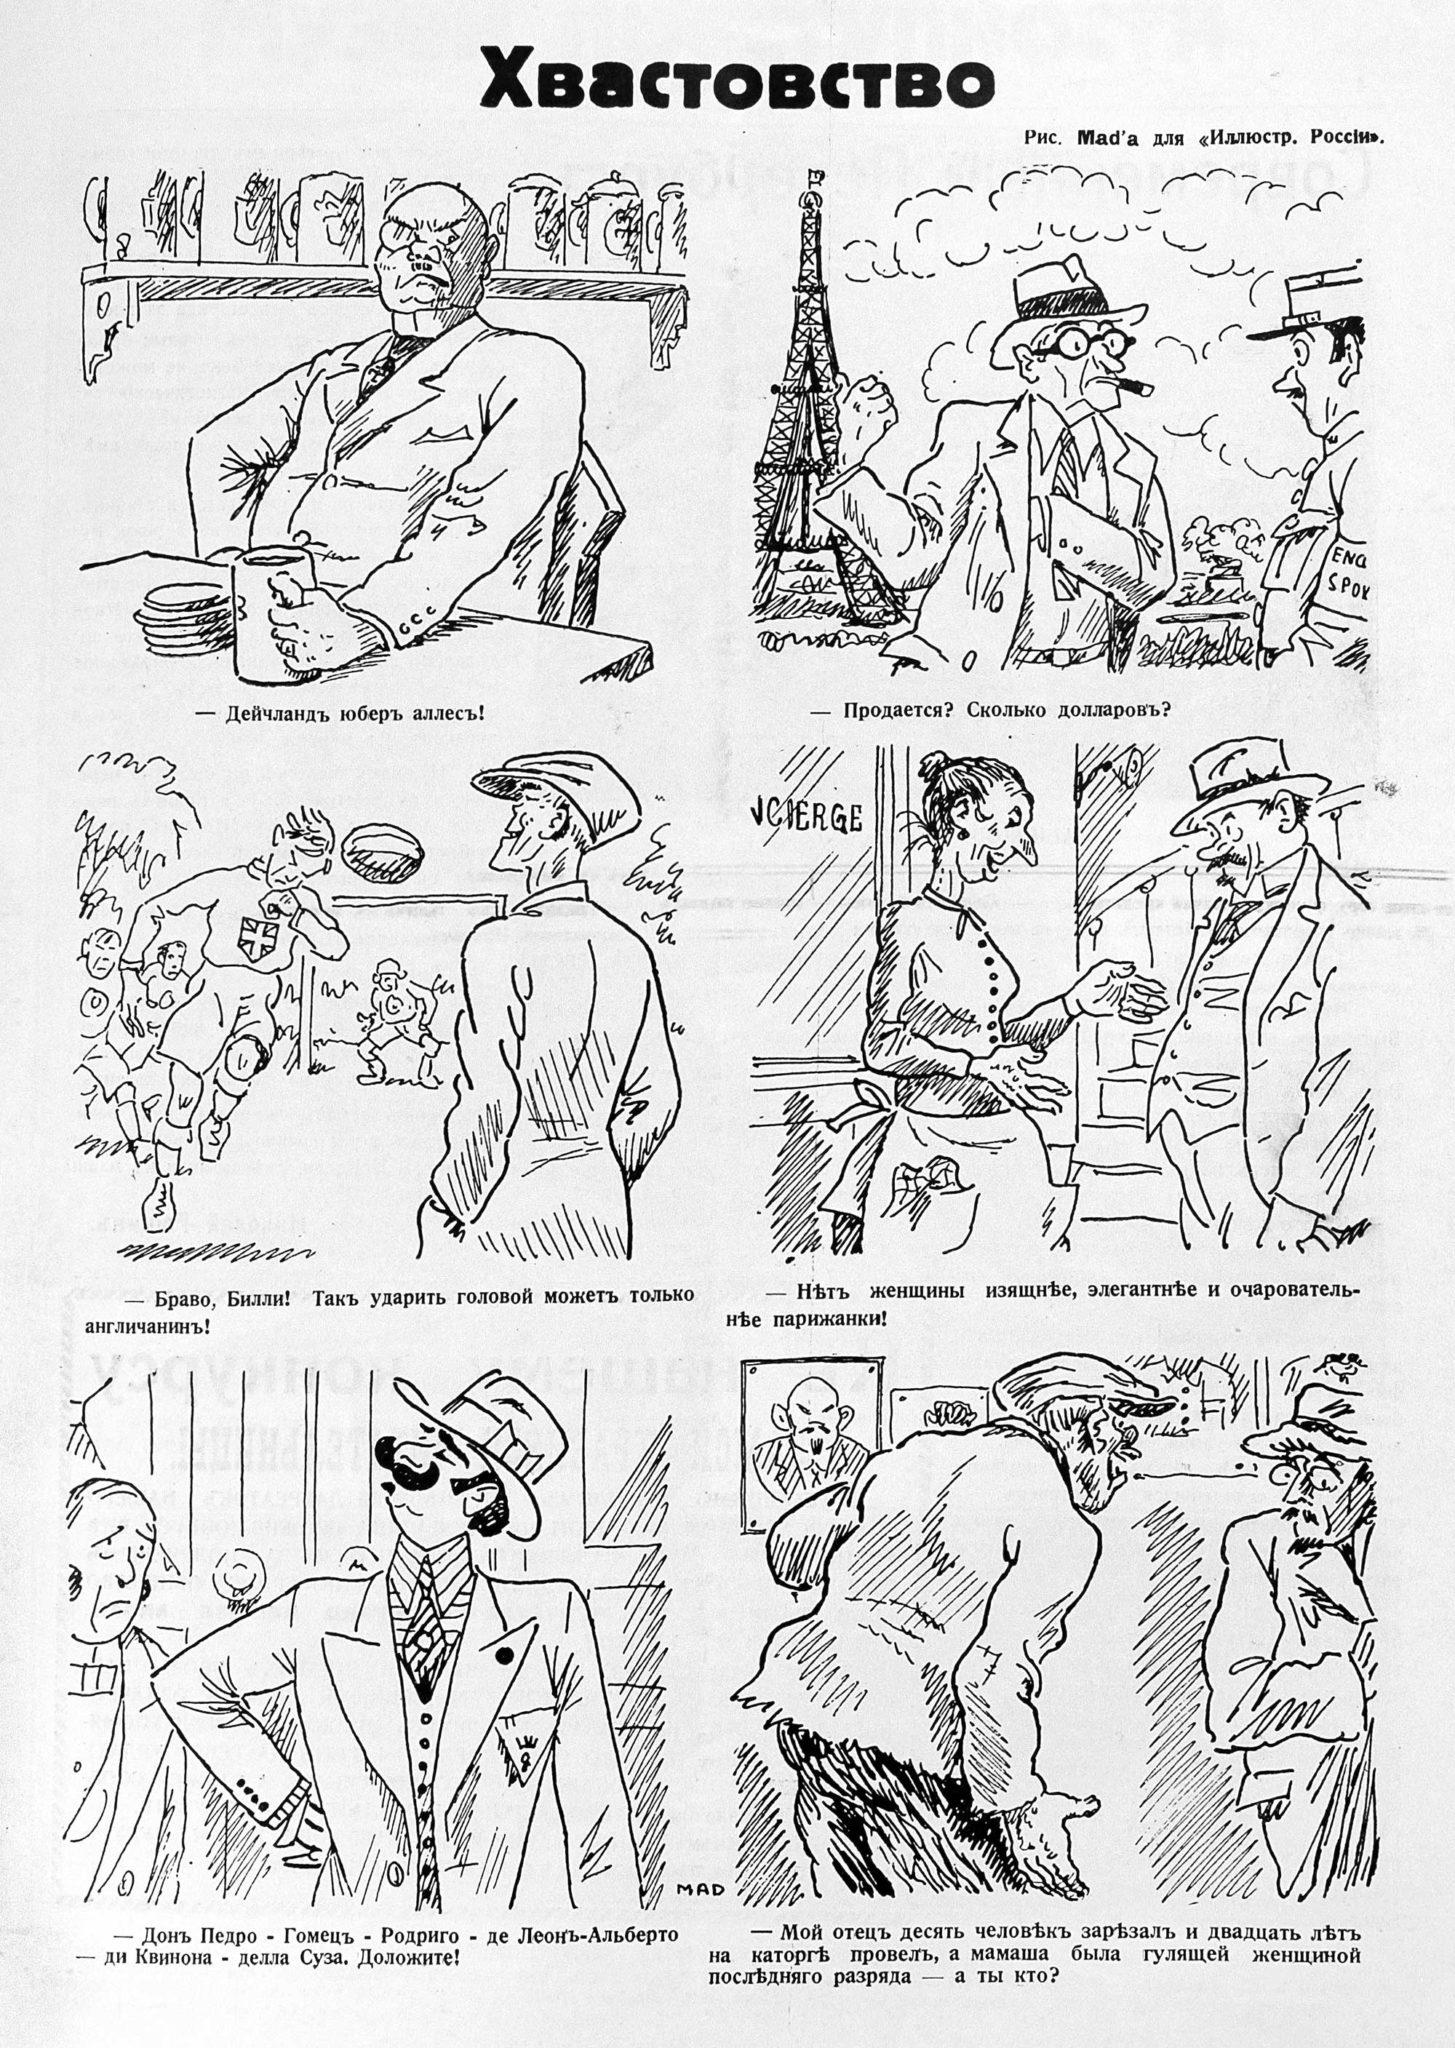 «Хвастовство», журнал «Иллюстрированная Россия», сентябрь 1930-го года.